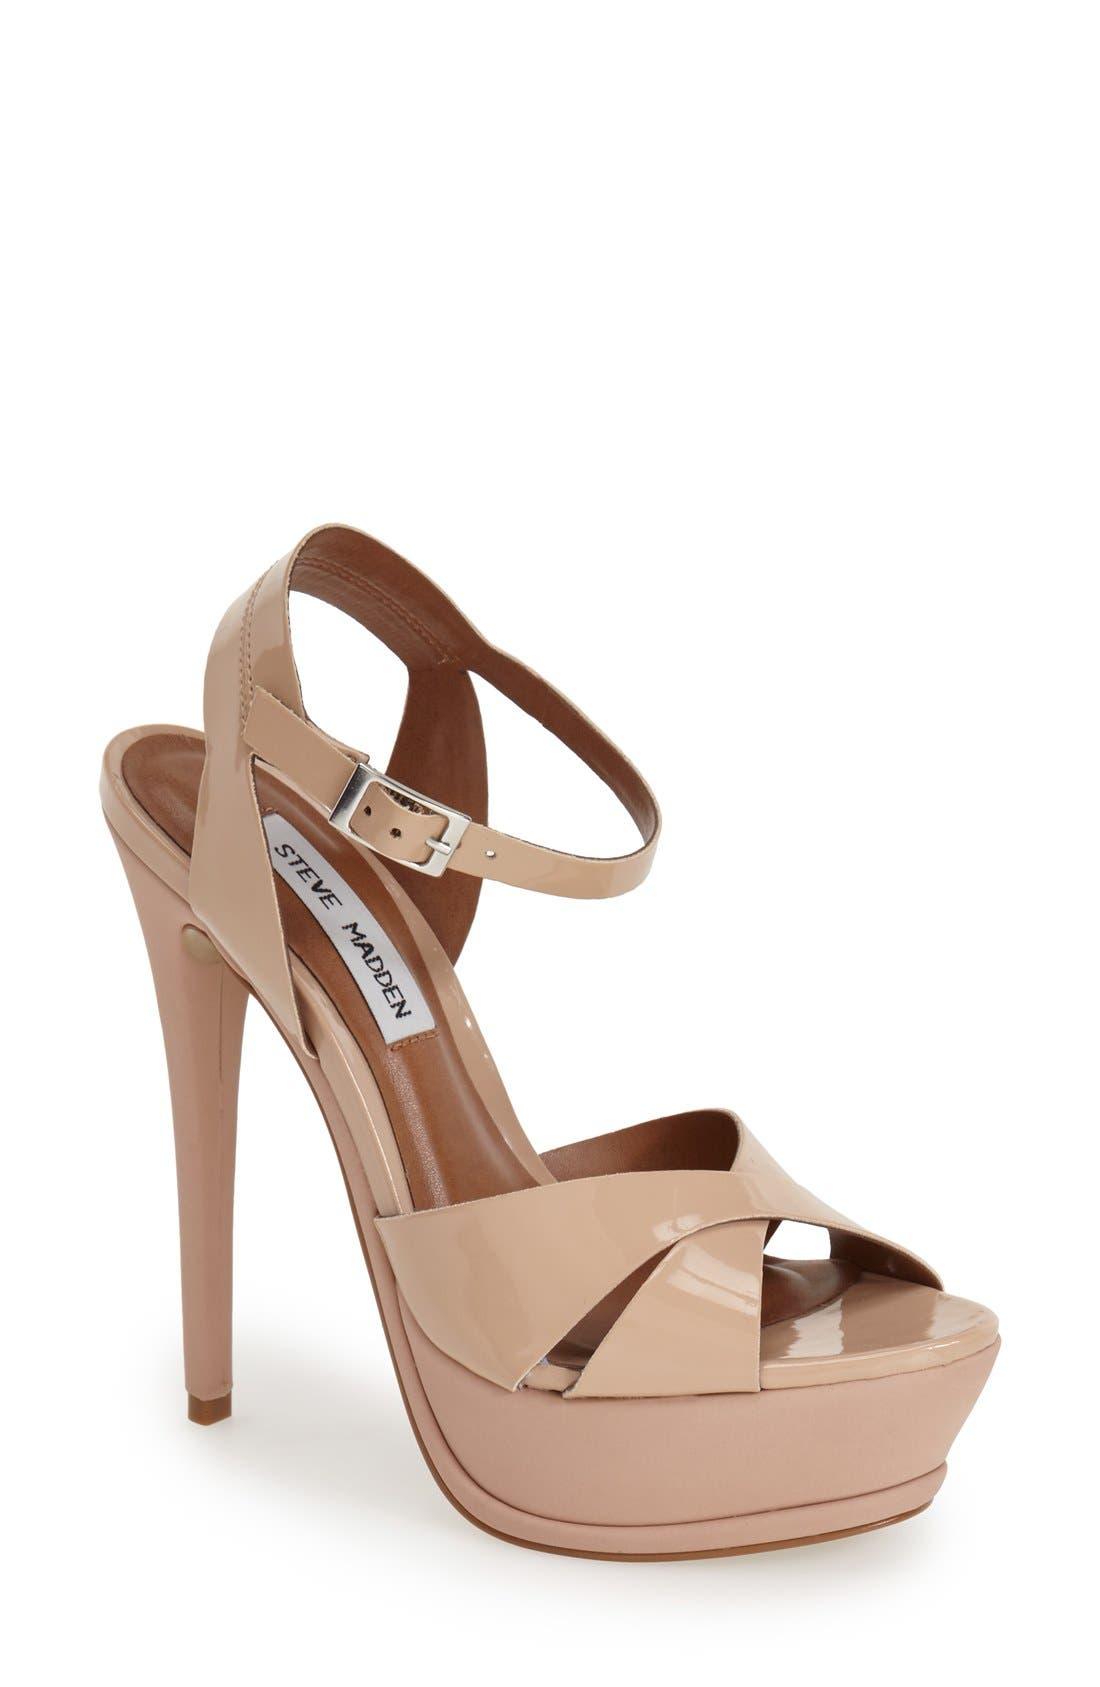 Main Image - Steve Madden 'Sylva' Platform Sandal (Women)